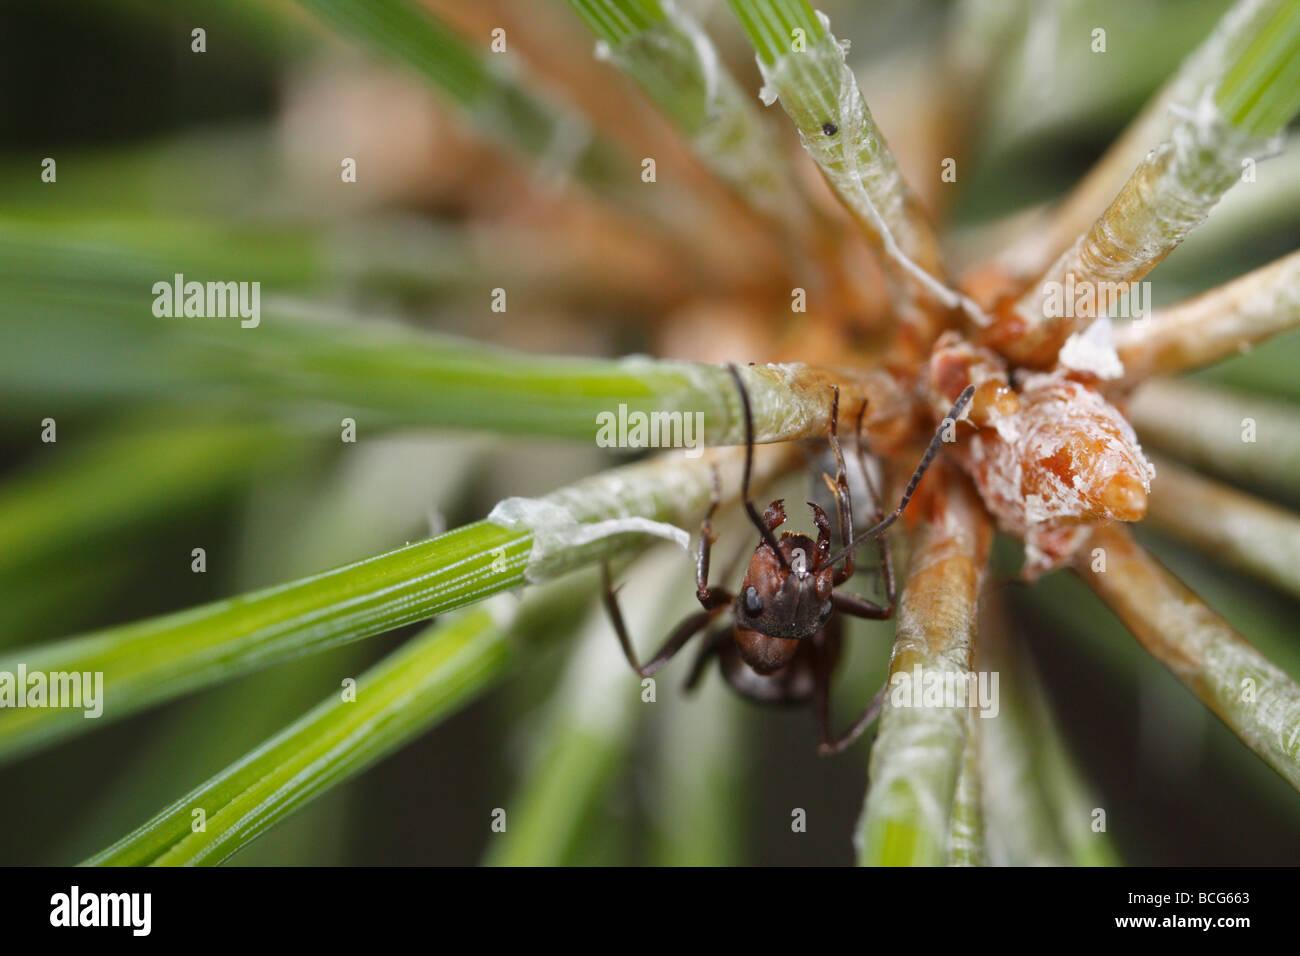 Horse ant (formica rufa) su un ramoscello di pino. Il lavoratore è in difesa di un afide che si vede al di sotto di lei. Foto Stock